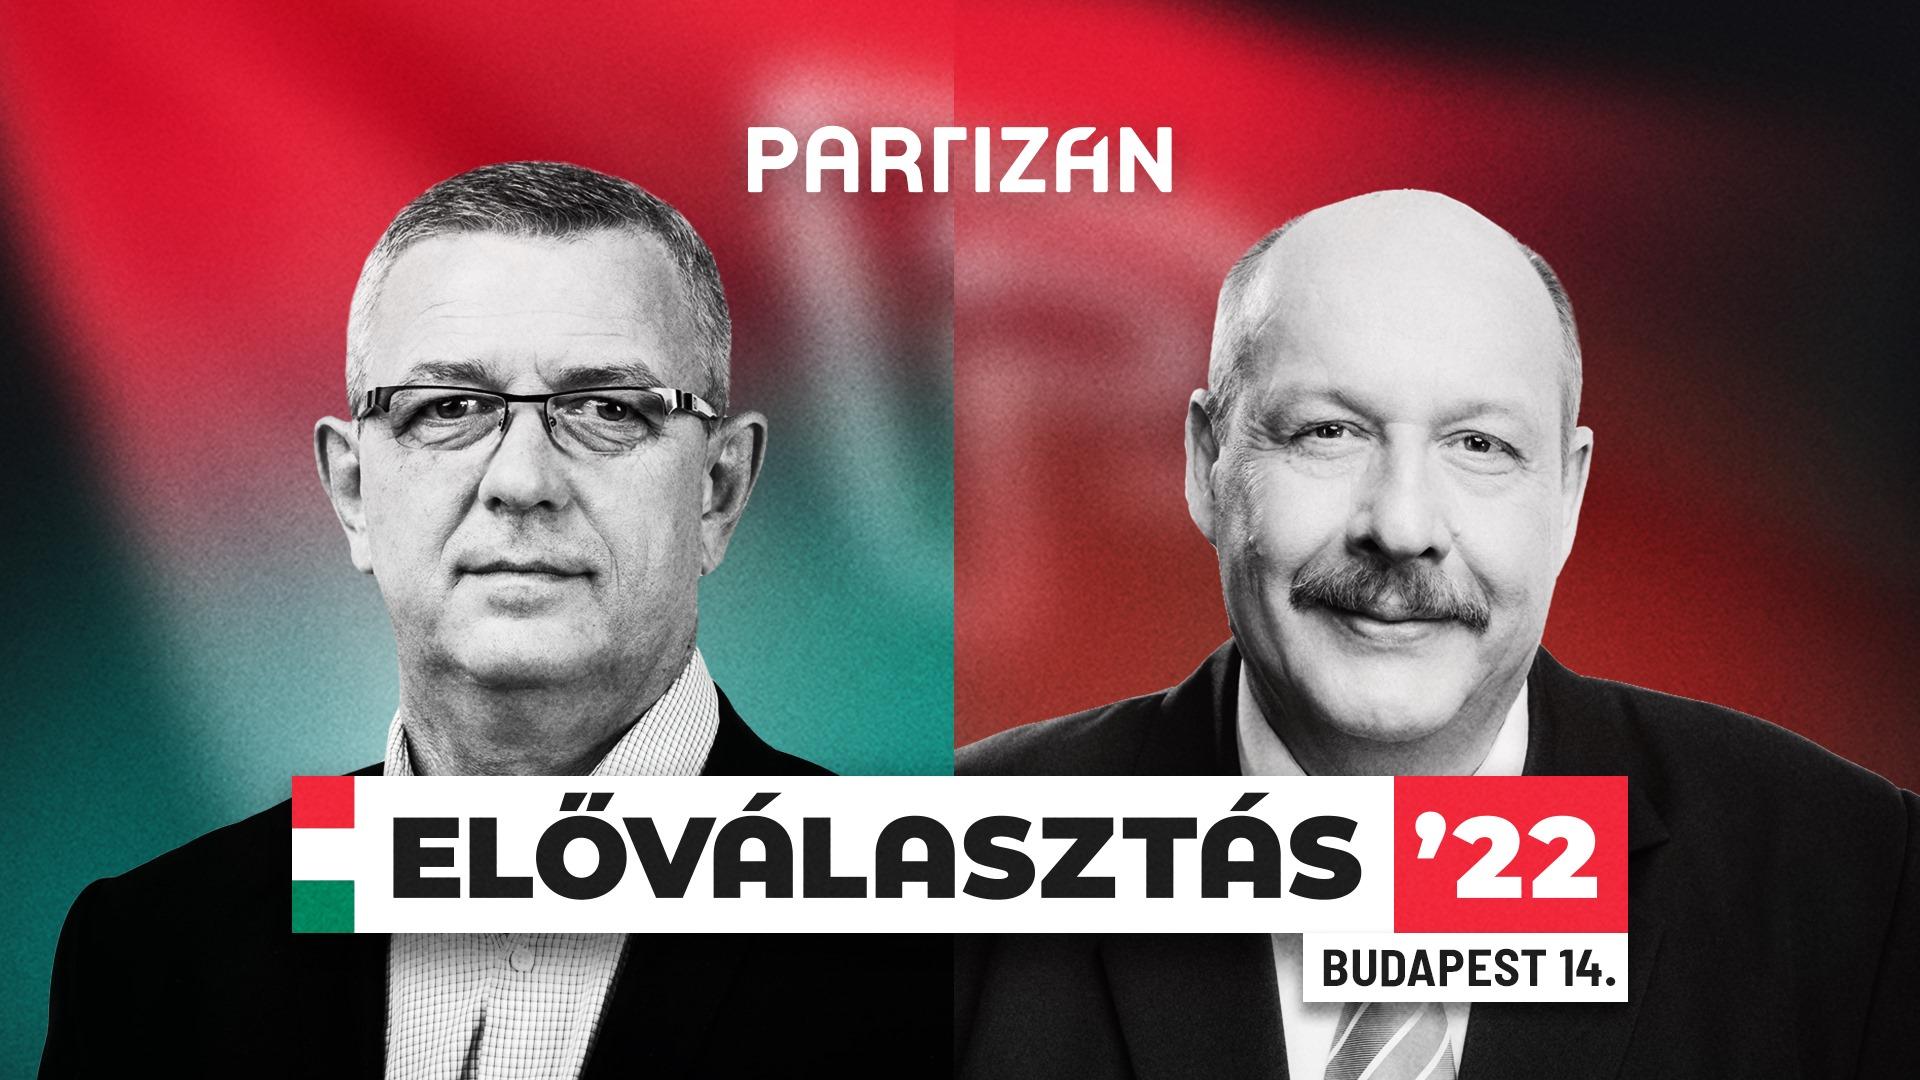 Ex-MIÉP-es Jobbik-alelnök és szkanderbíró MSZP-s csap össze Rákosmentén, kövesd élőben a vitájukat